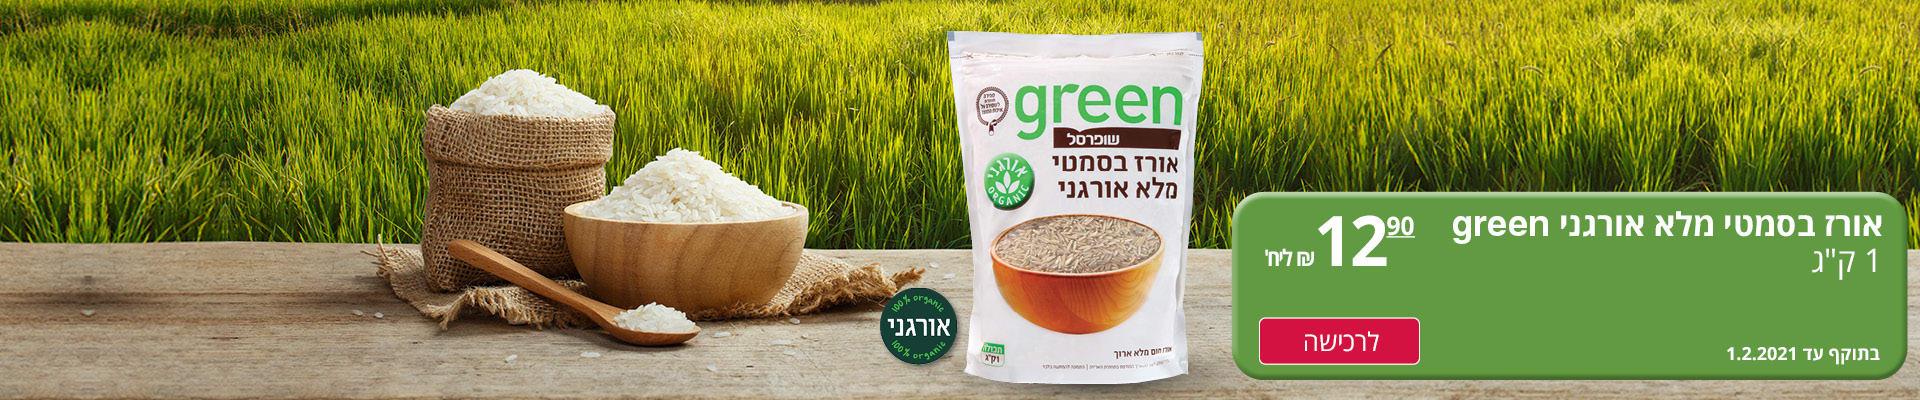 אורז בסמטי מלא אורגני green 12.90 ₪ ליח' לרכישה בתוקף עד 1.2.2021